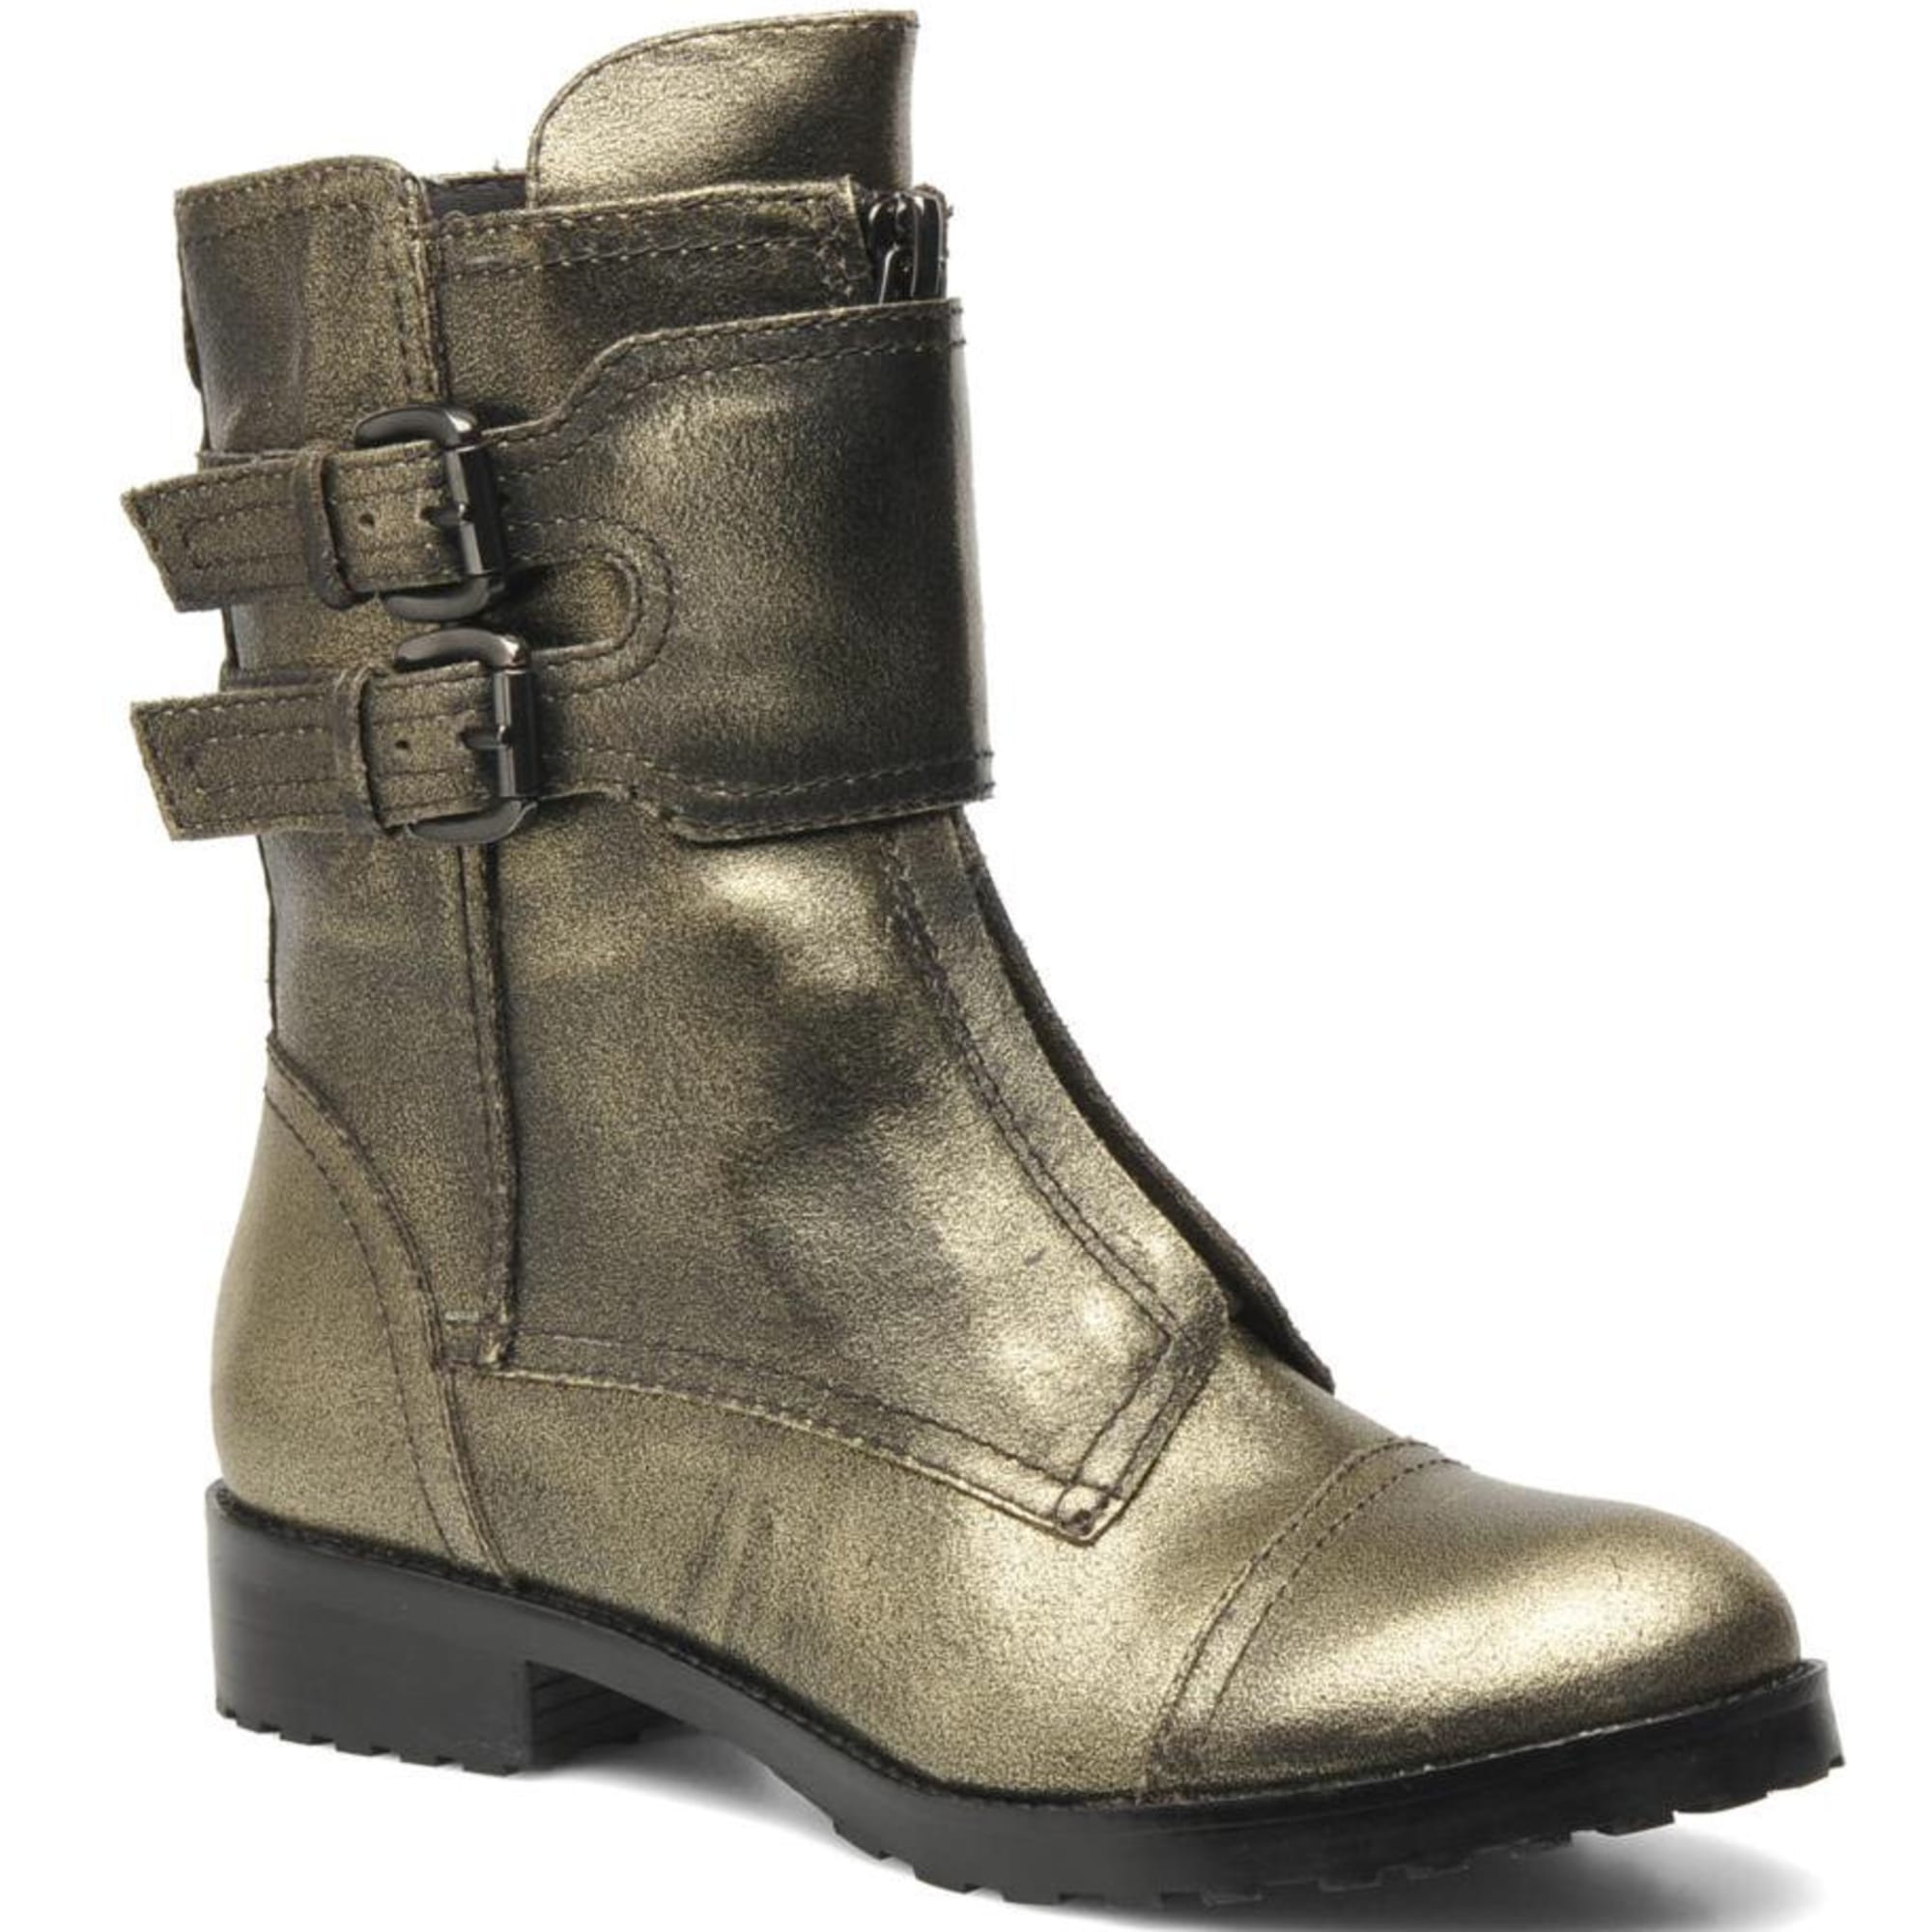 Bottines & low boots motards GUESS Doré, bronze, cuivre